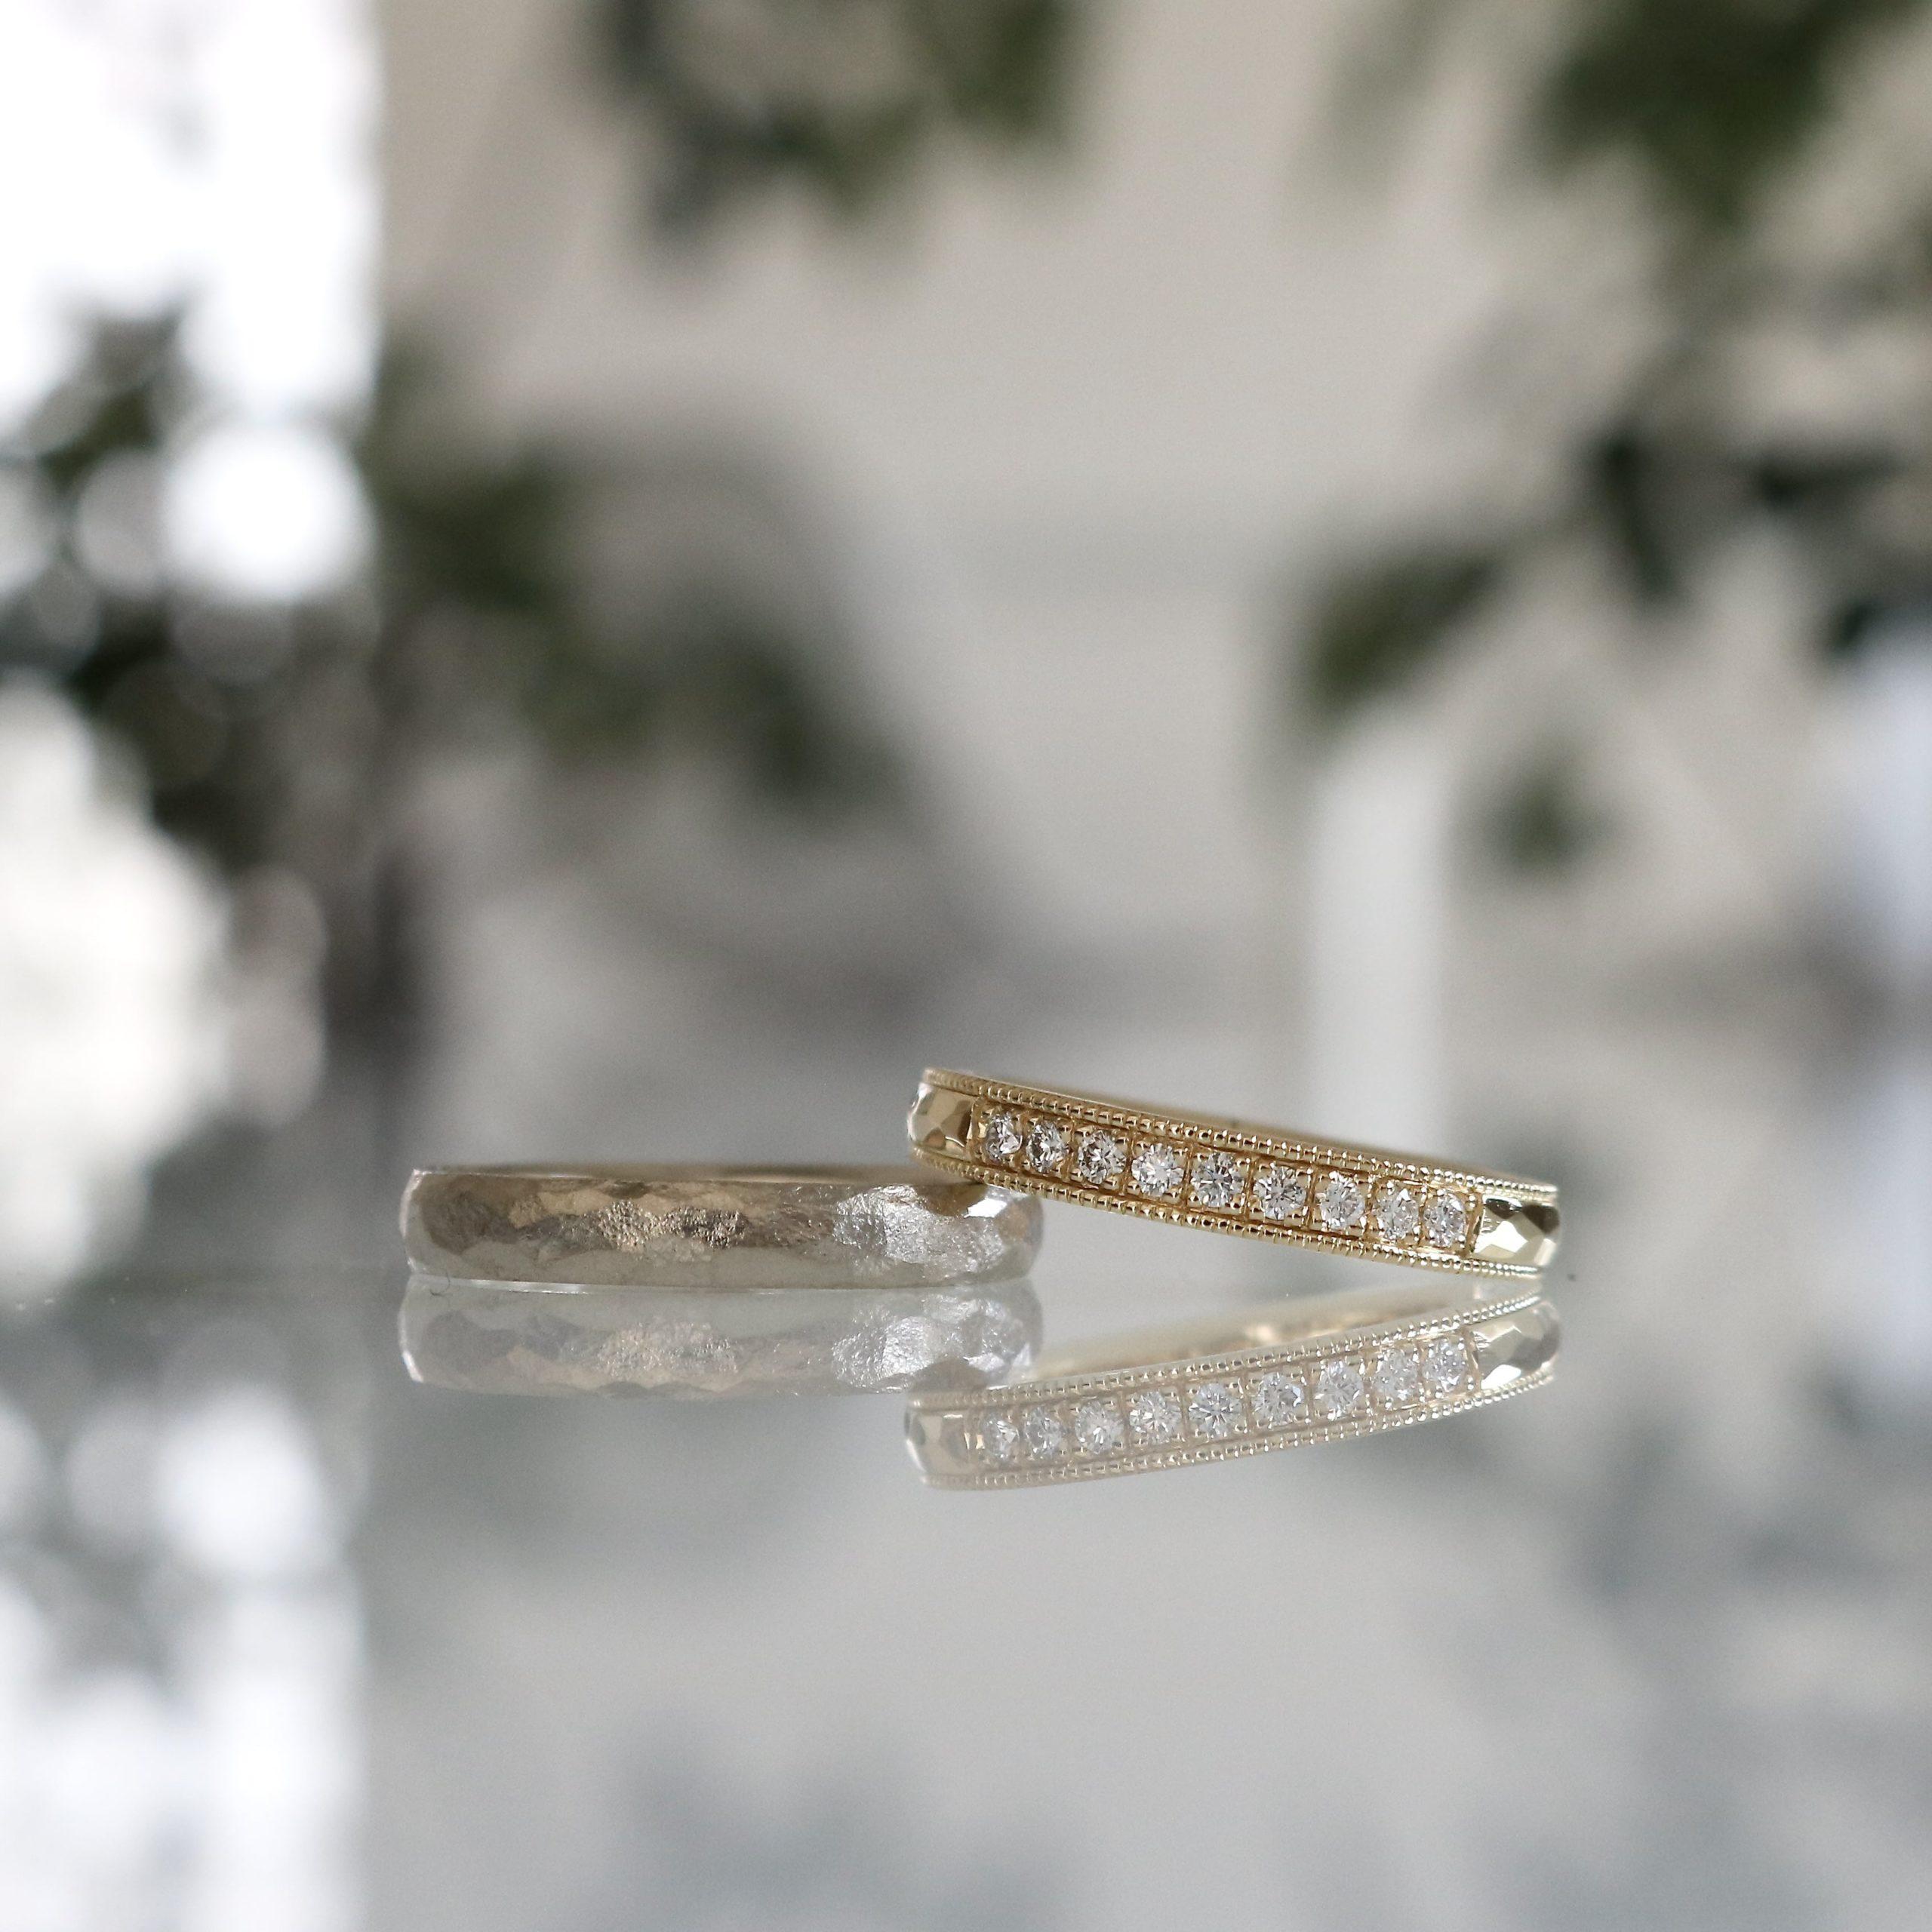 鎚目とハーフエタニティの結婚指輪